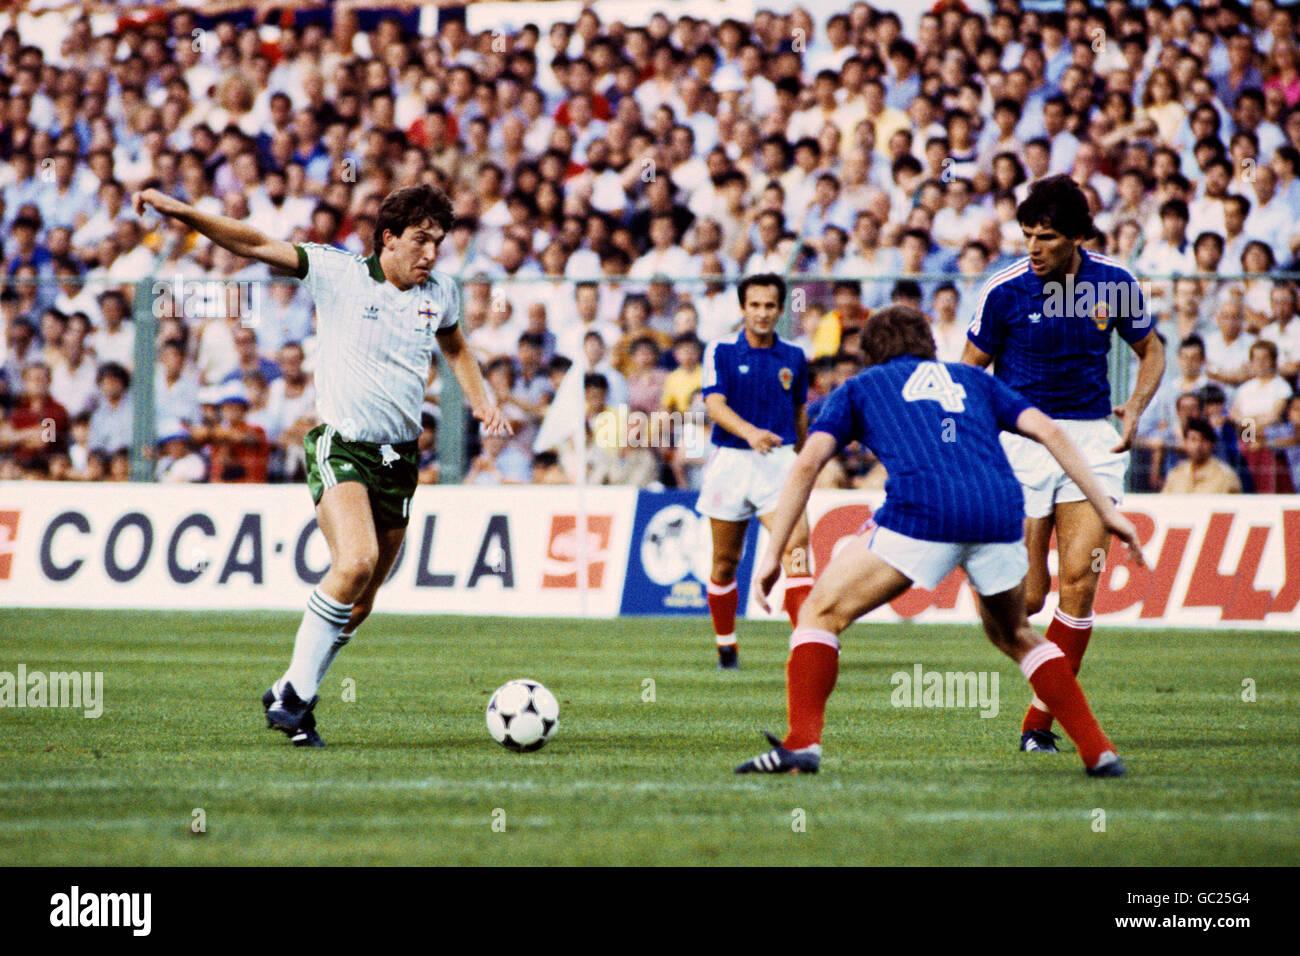 Northern ireland yugoslavia world cup photos northern ireland yugoslavia world cup images alamy - Coupe du monde de football 1982 ...